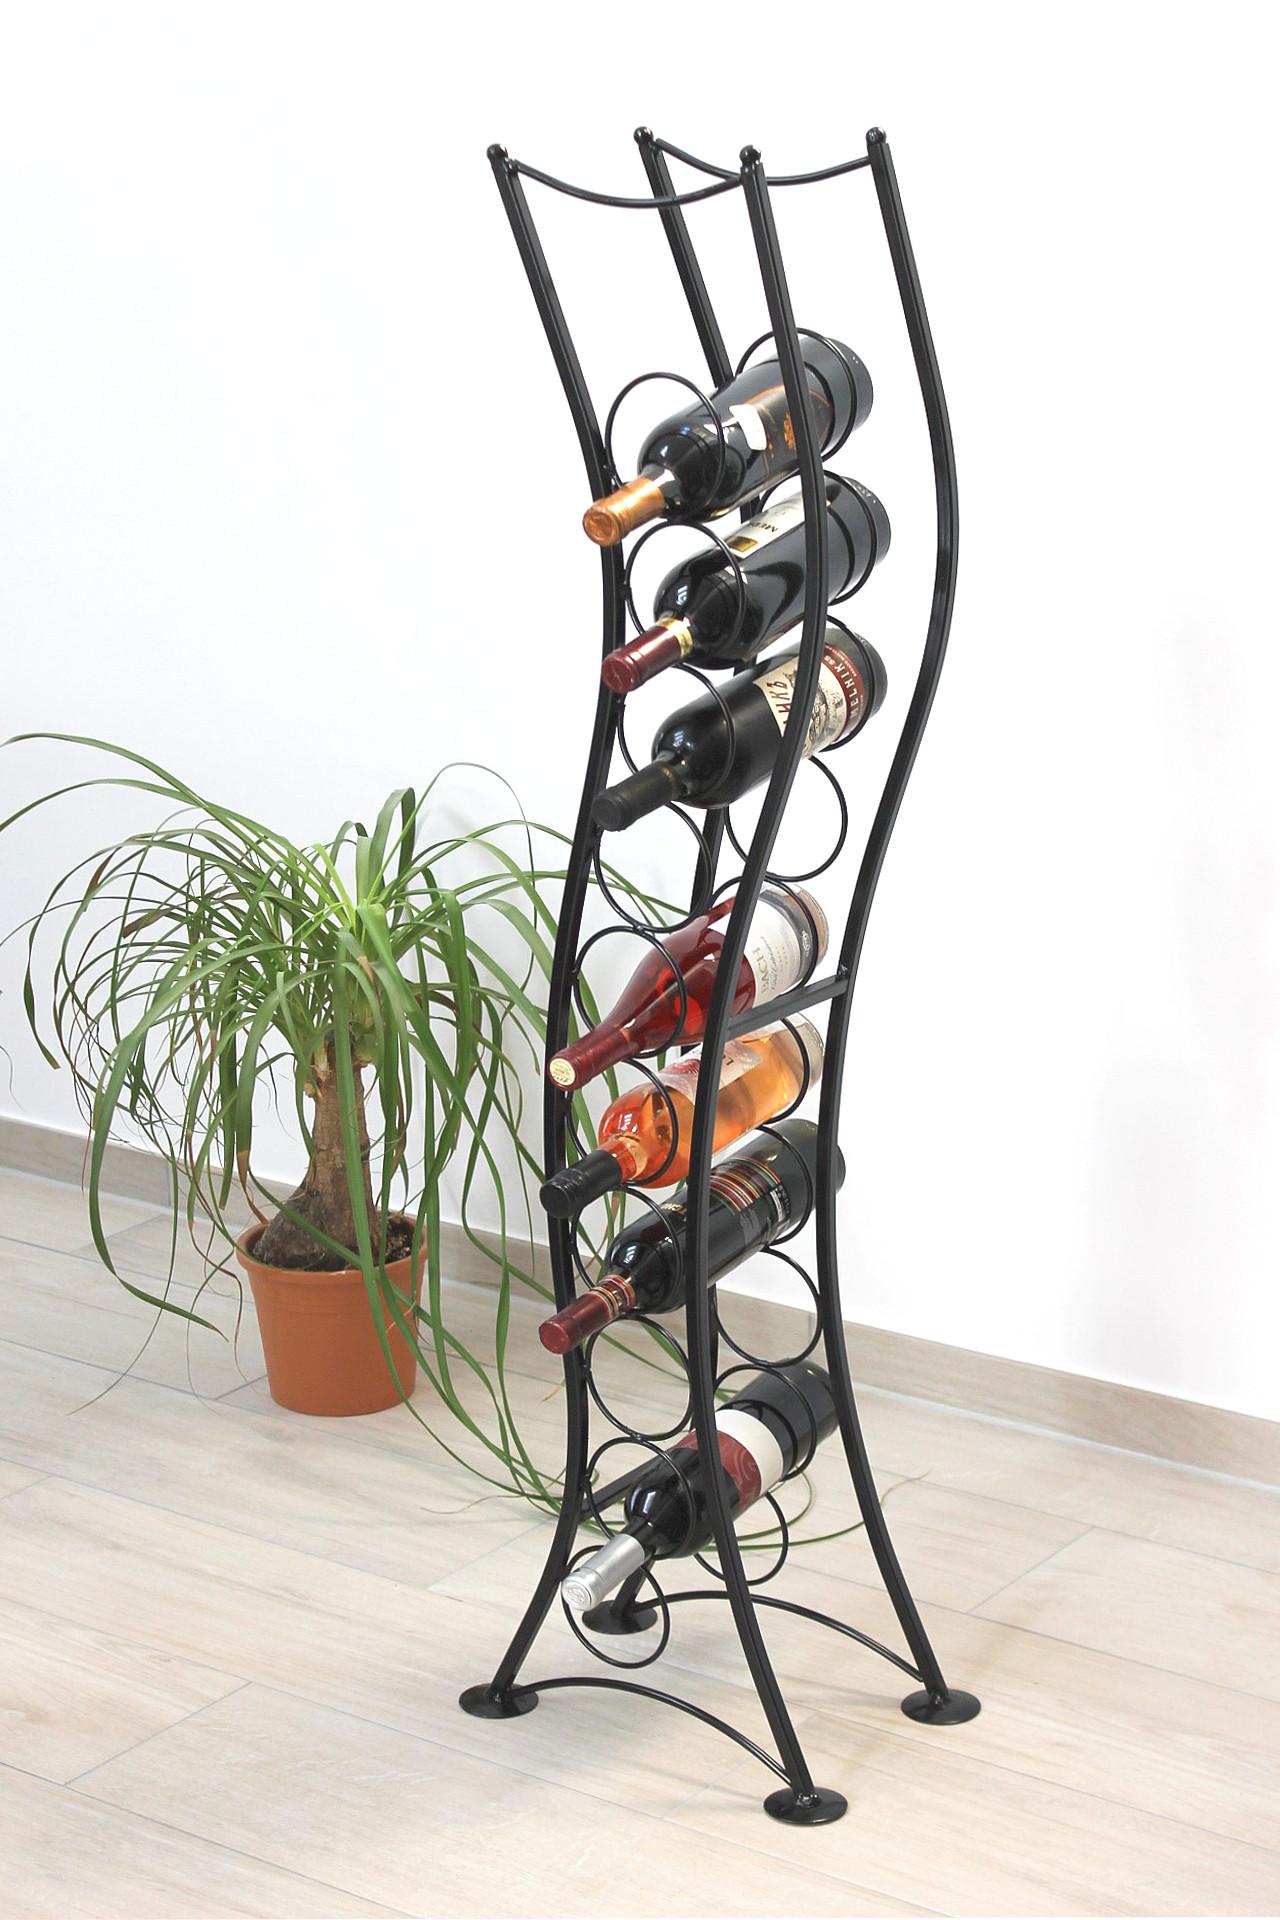 weinregal st099 flaschenst nder 120 cm flaschenhalter. Black Bedroom Furniture Sets. Home Design Ideas